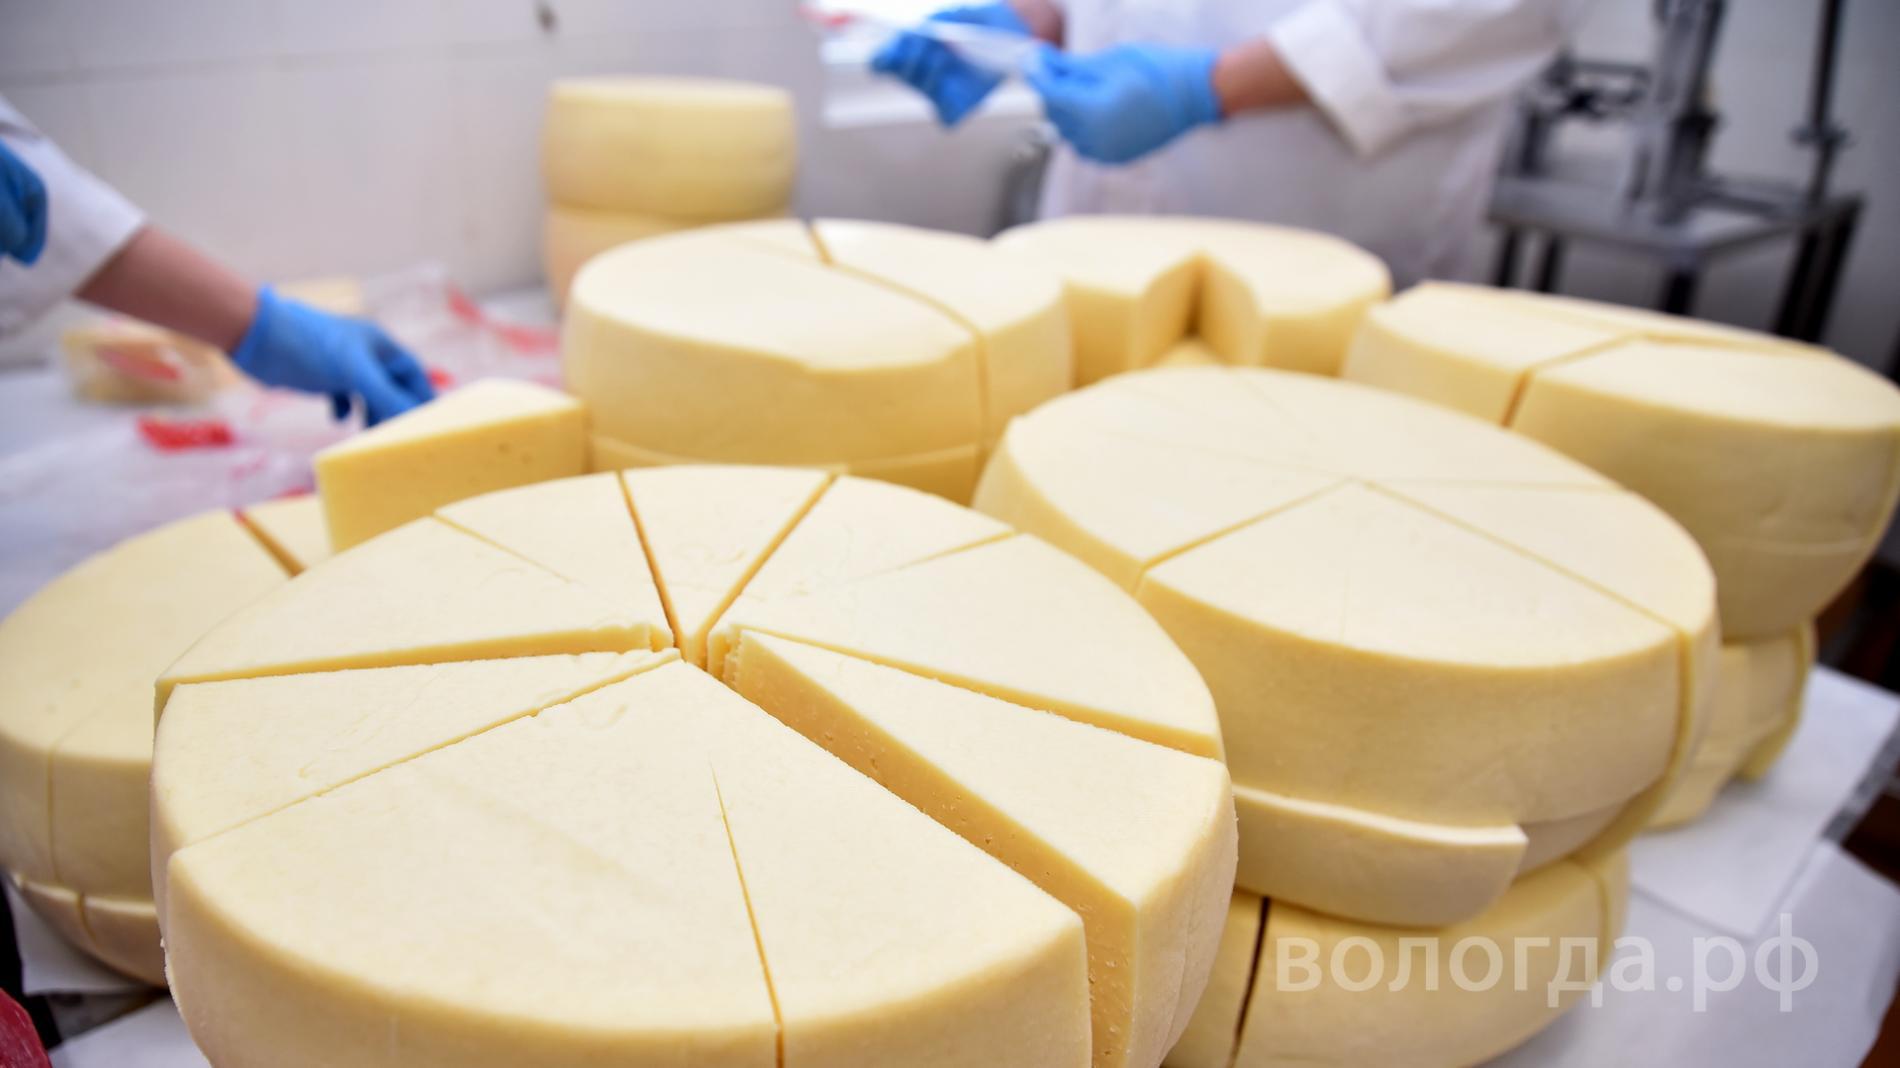 В России введут обязательную маркировку сыров и мороженого